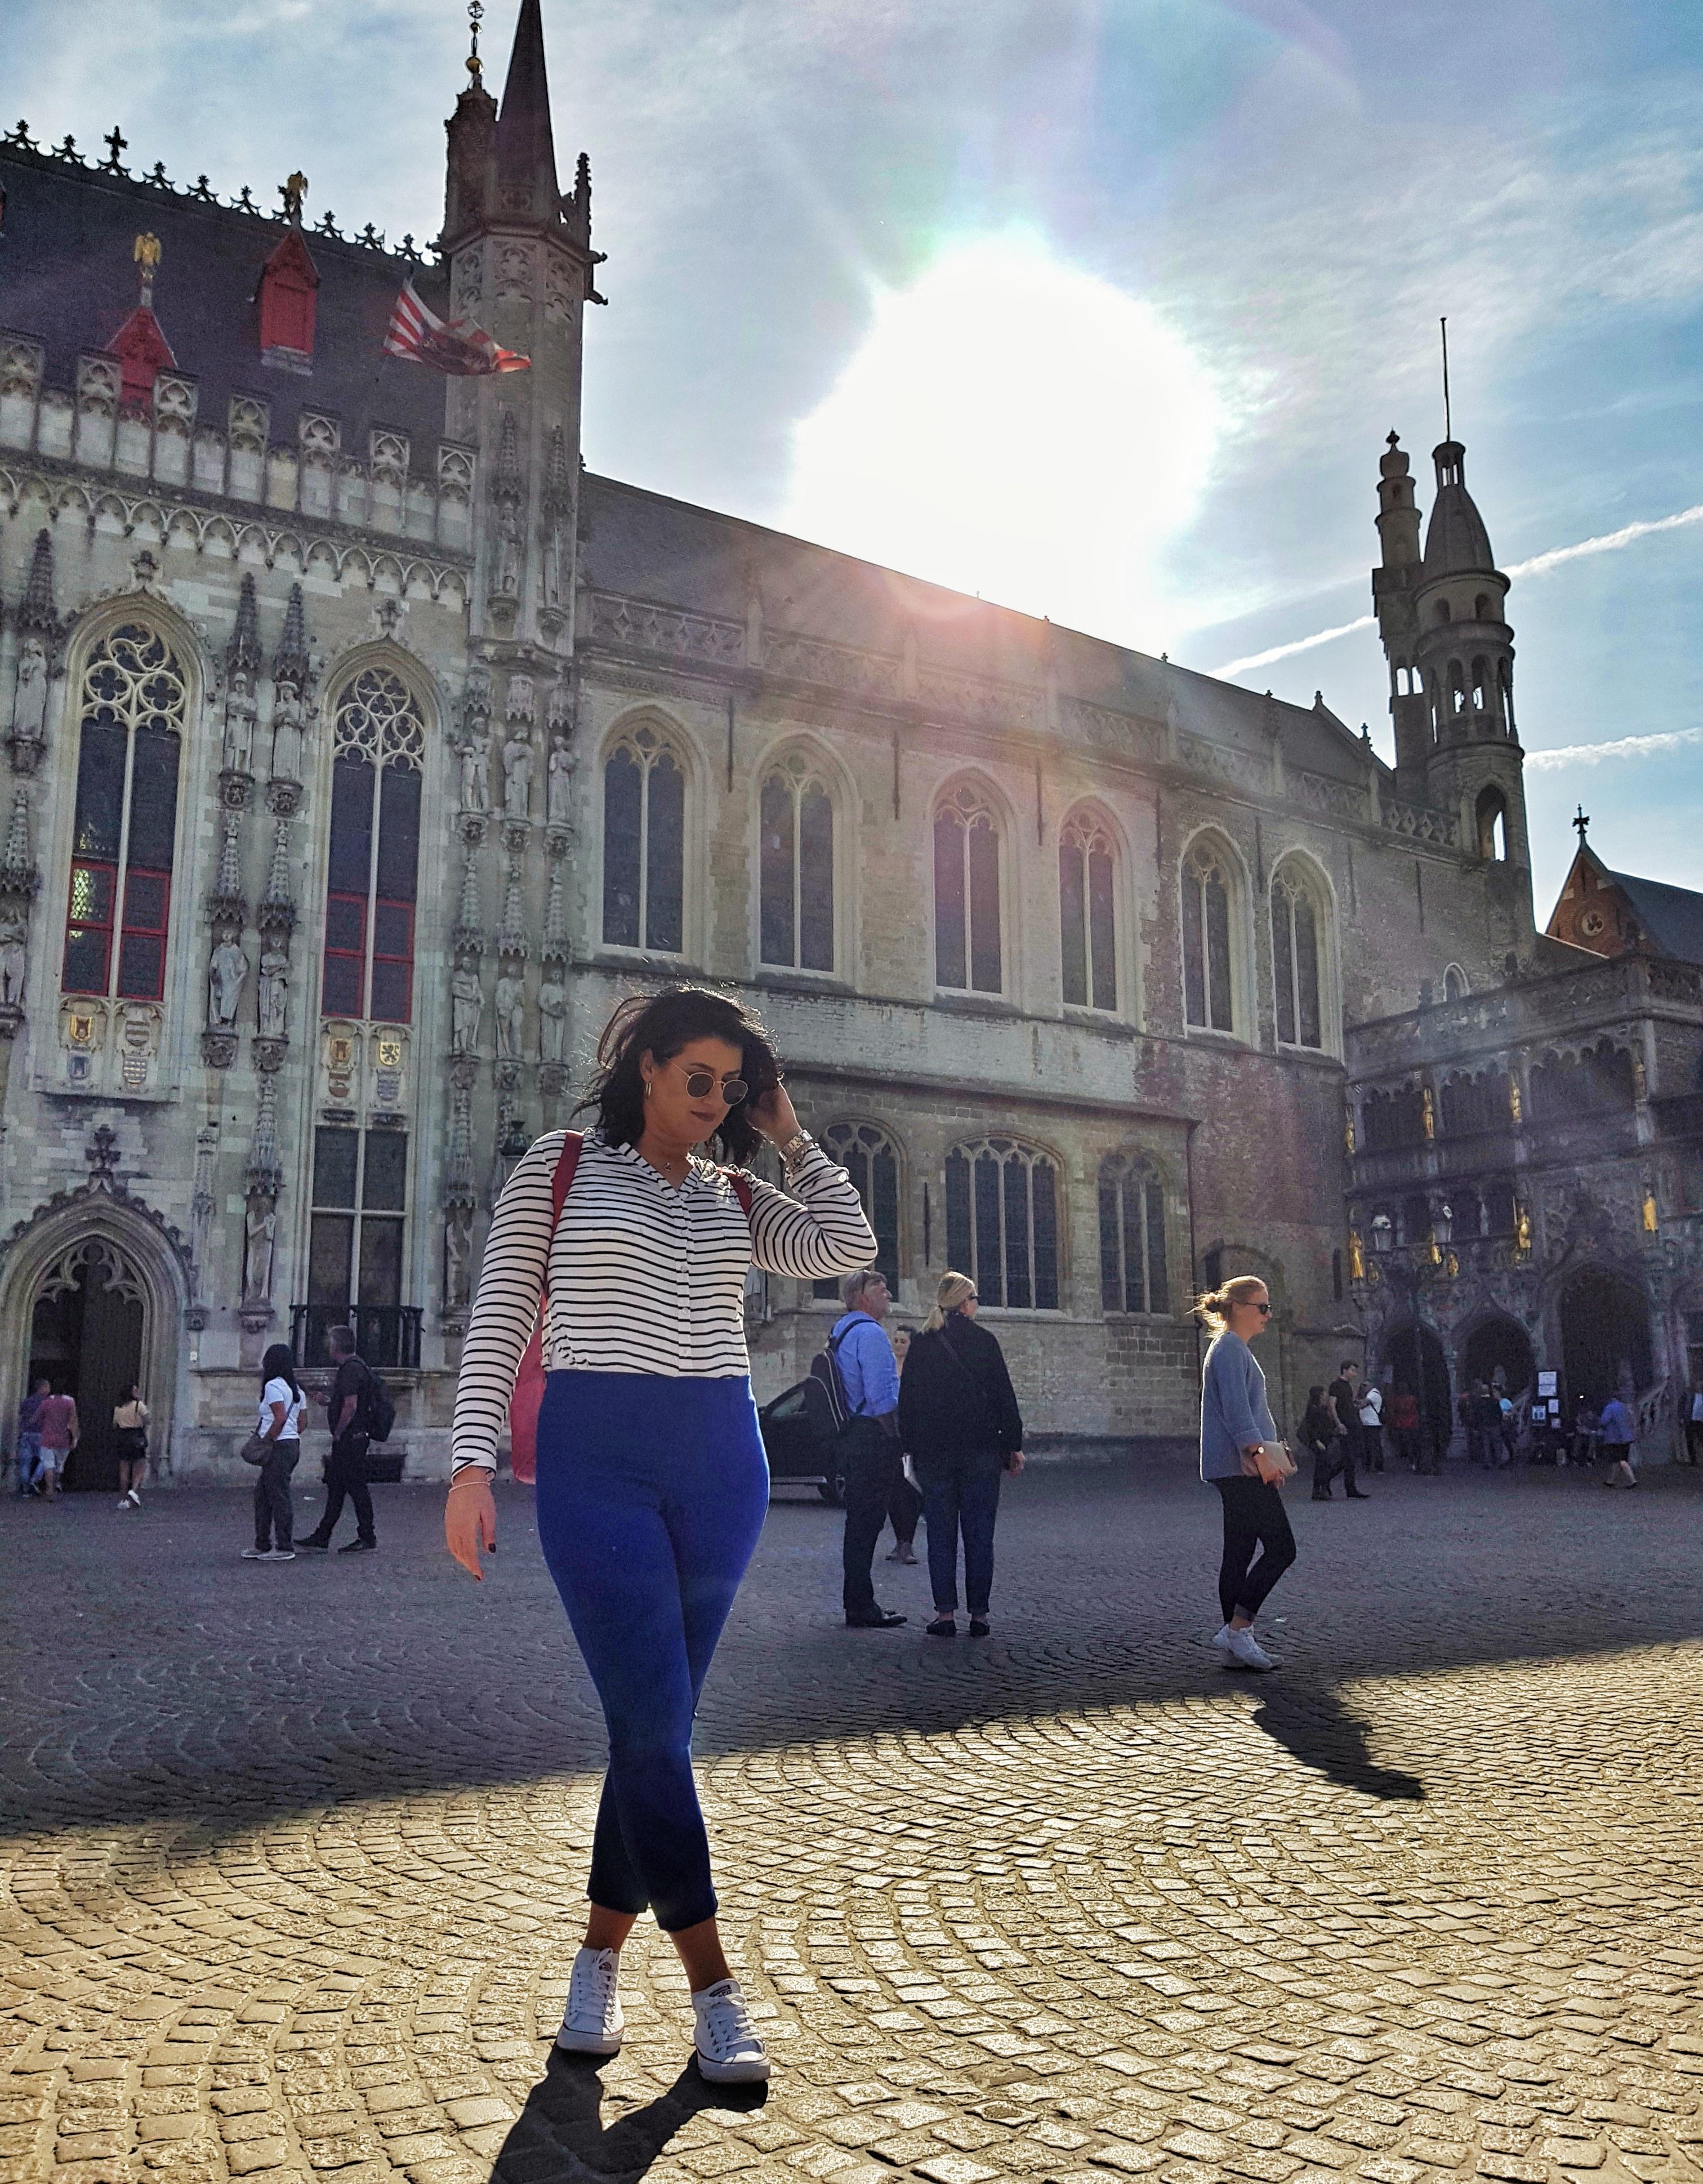 PerfectSunnyDay_Brugge_bruges